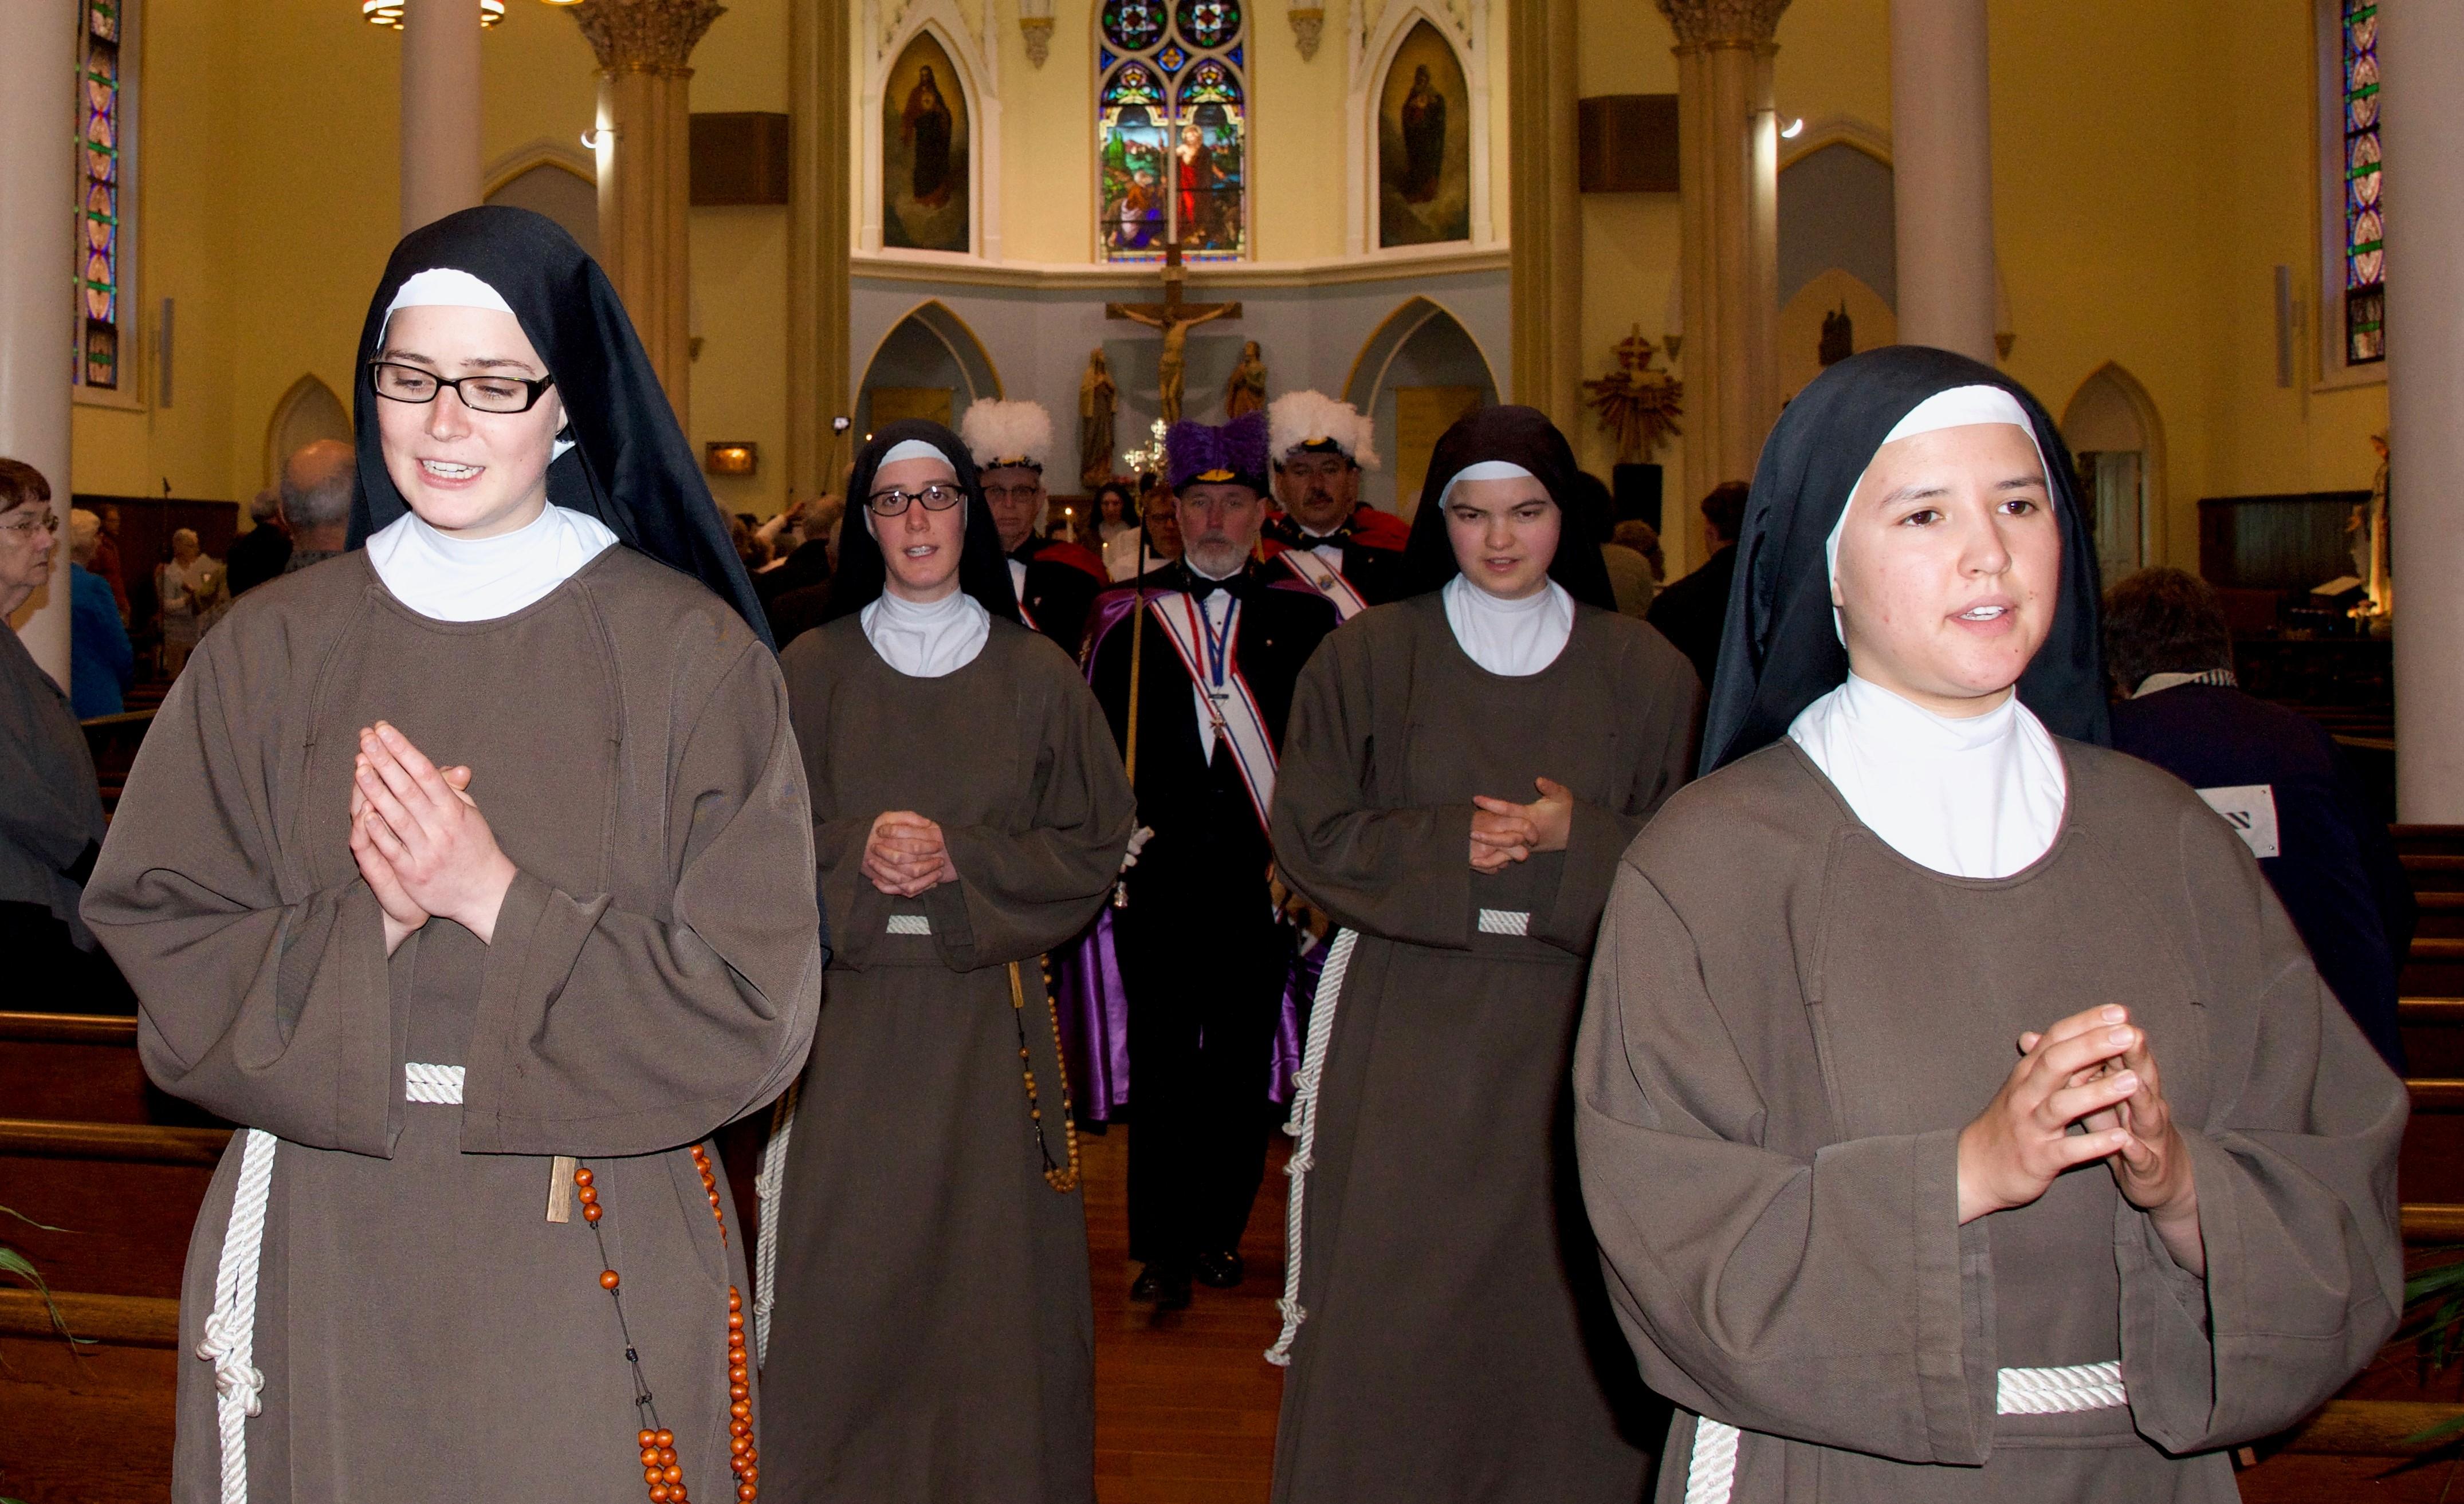 exit procession final vows